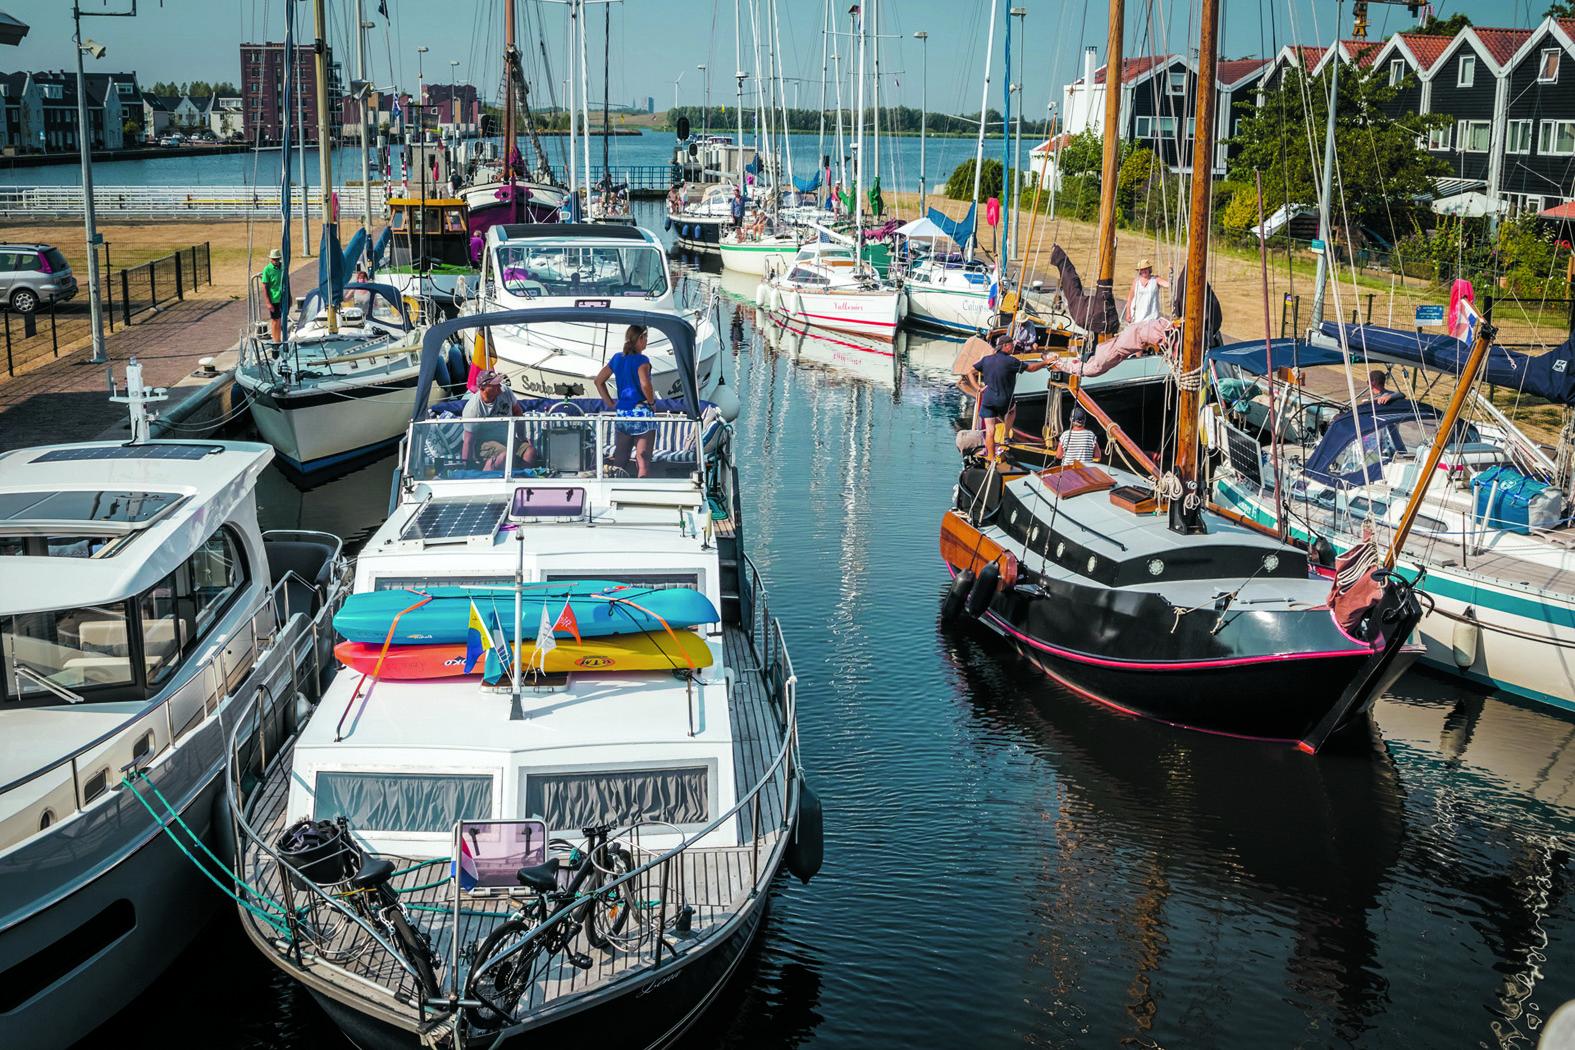 De Grote Sluis in Spaarndam is gesloten voor recreatievaart. (foto aangeleverd)